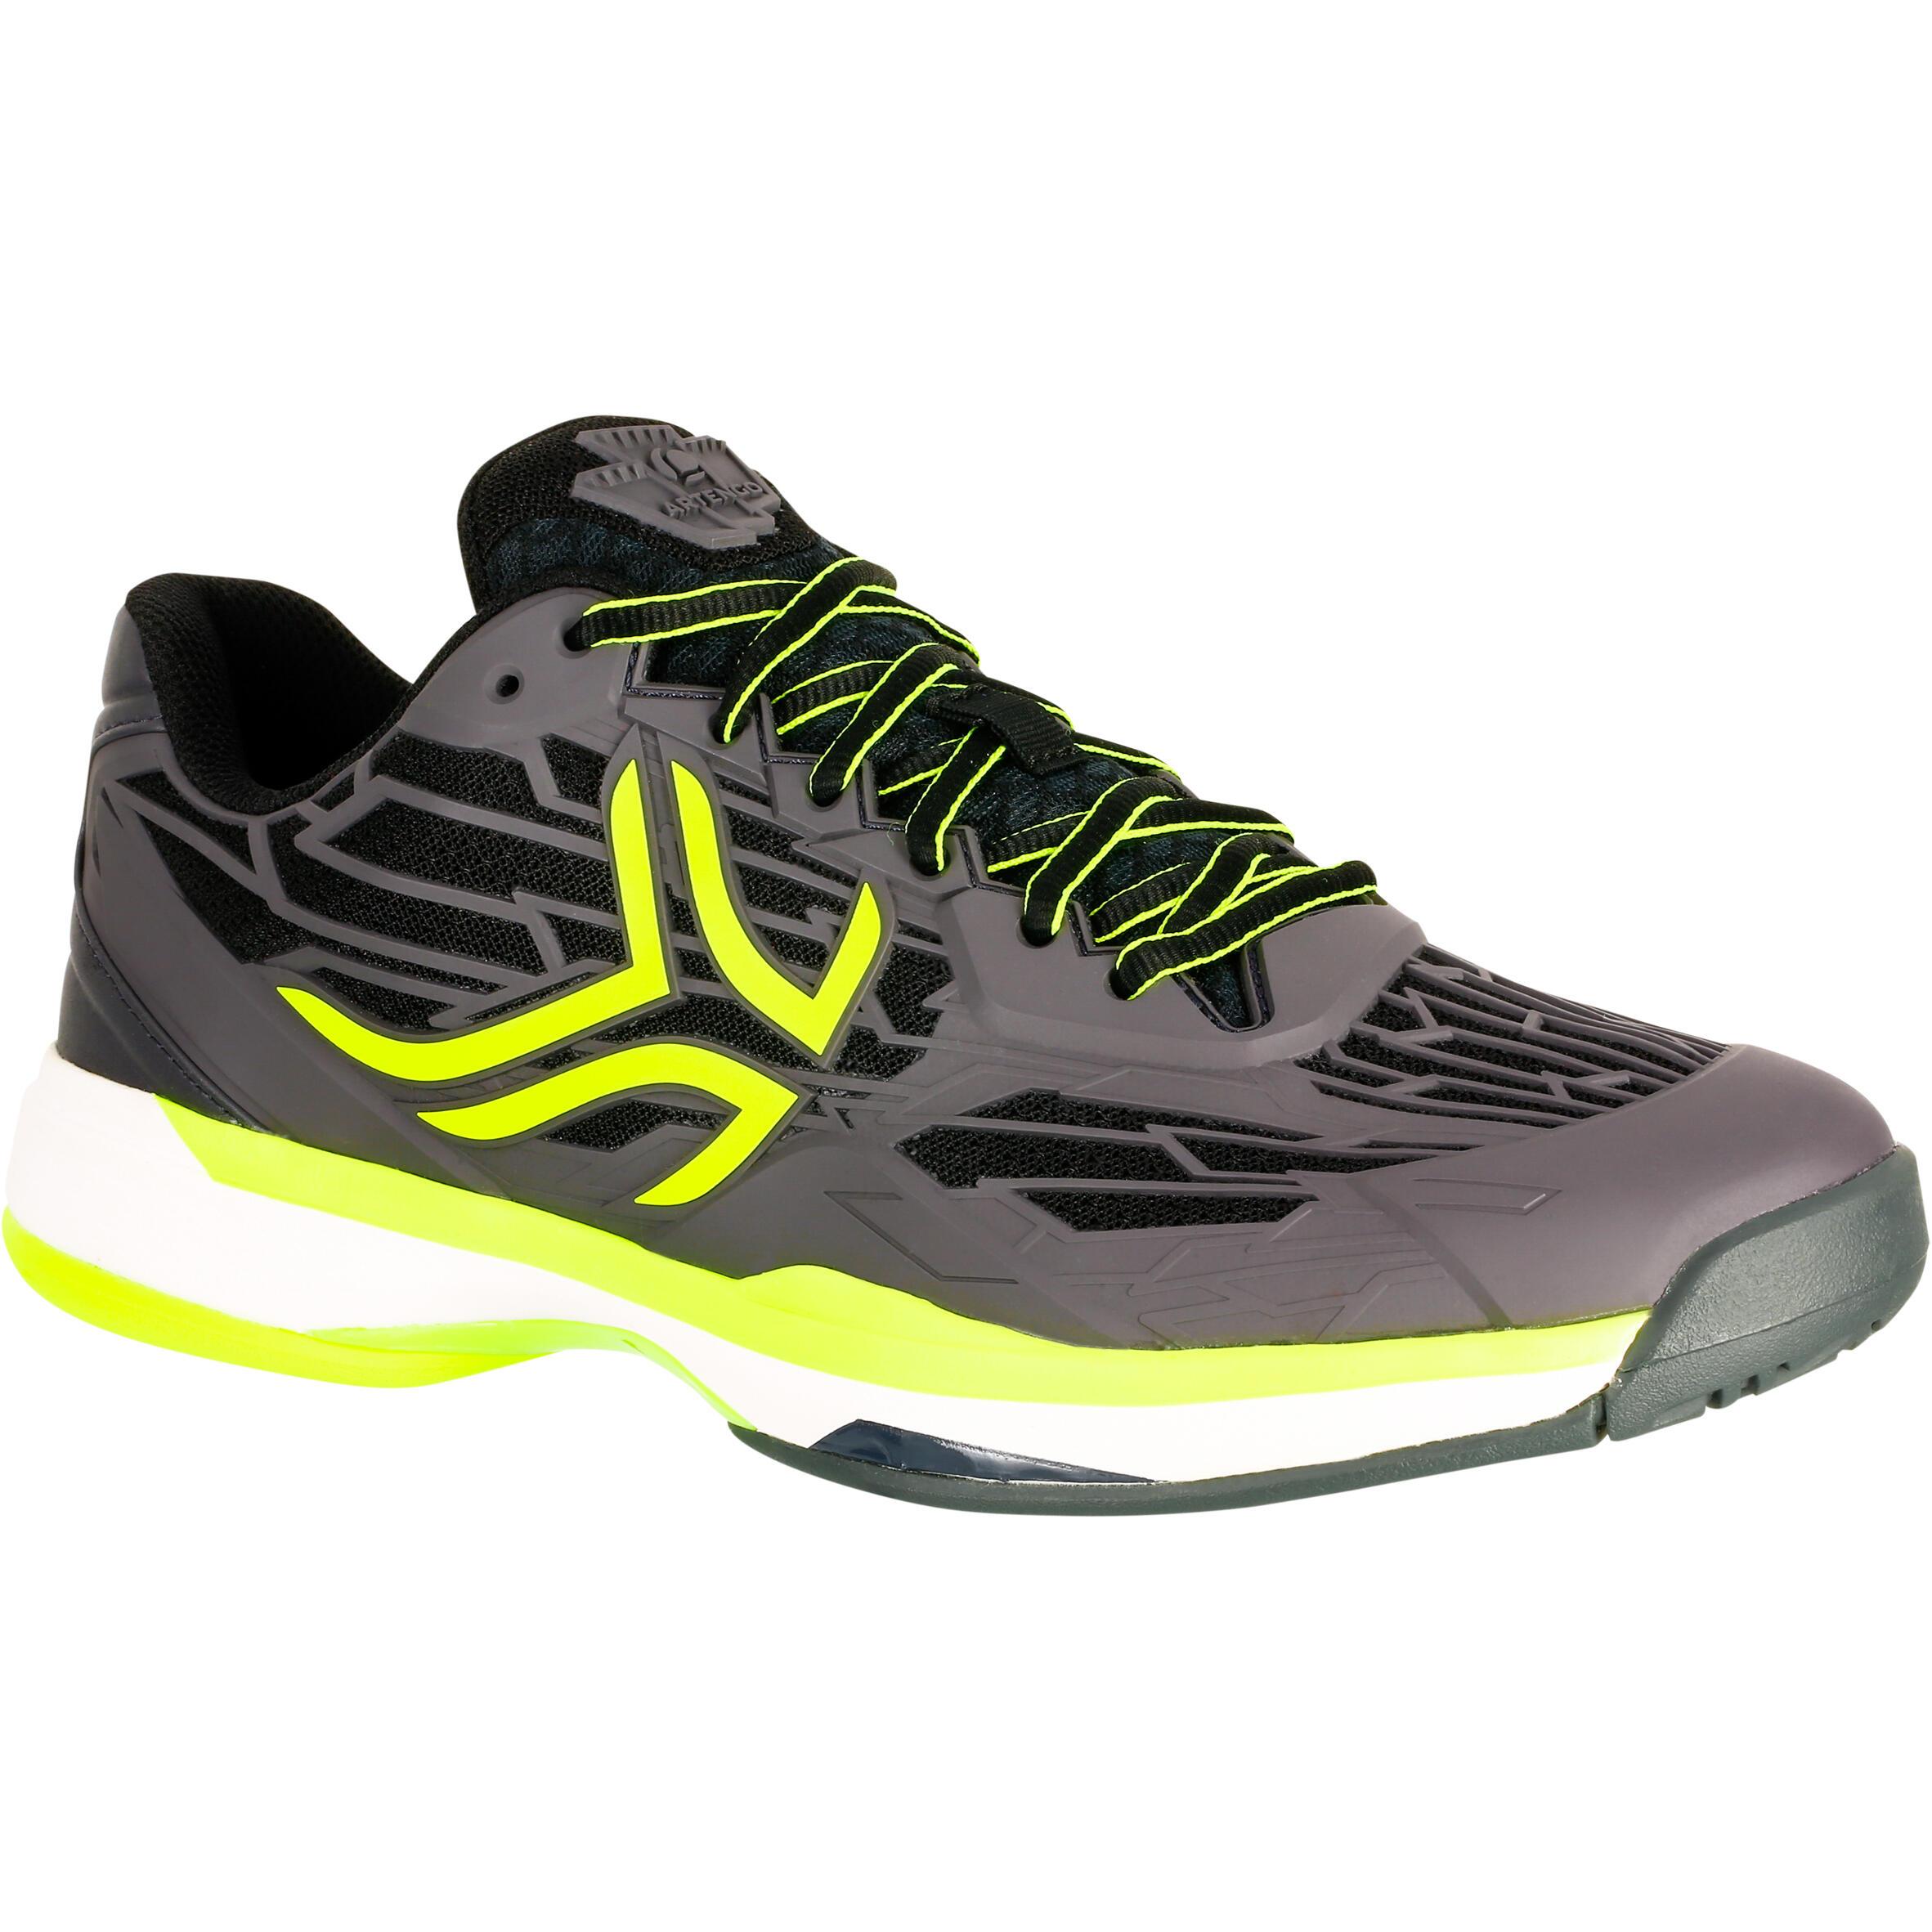 Artengo Tennisschoenen voor heren TS990 gravel zwart/geel